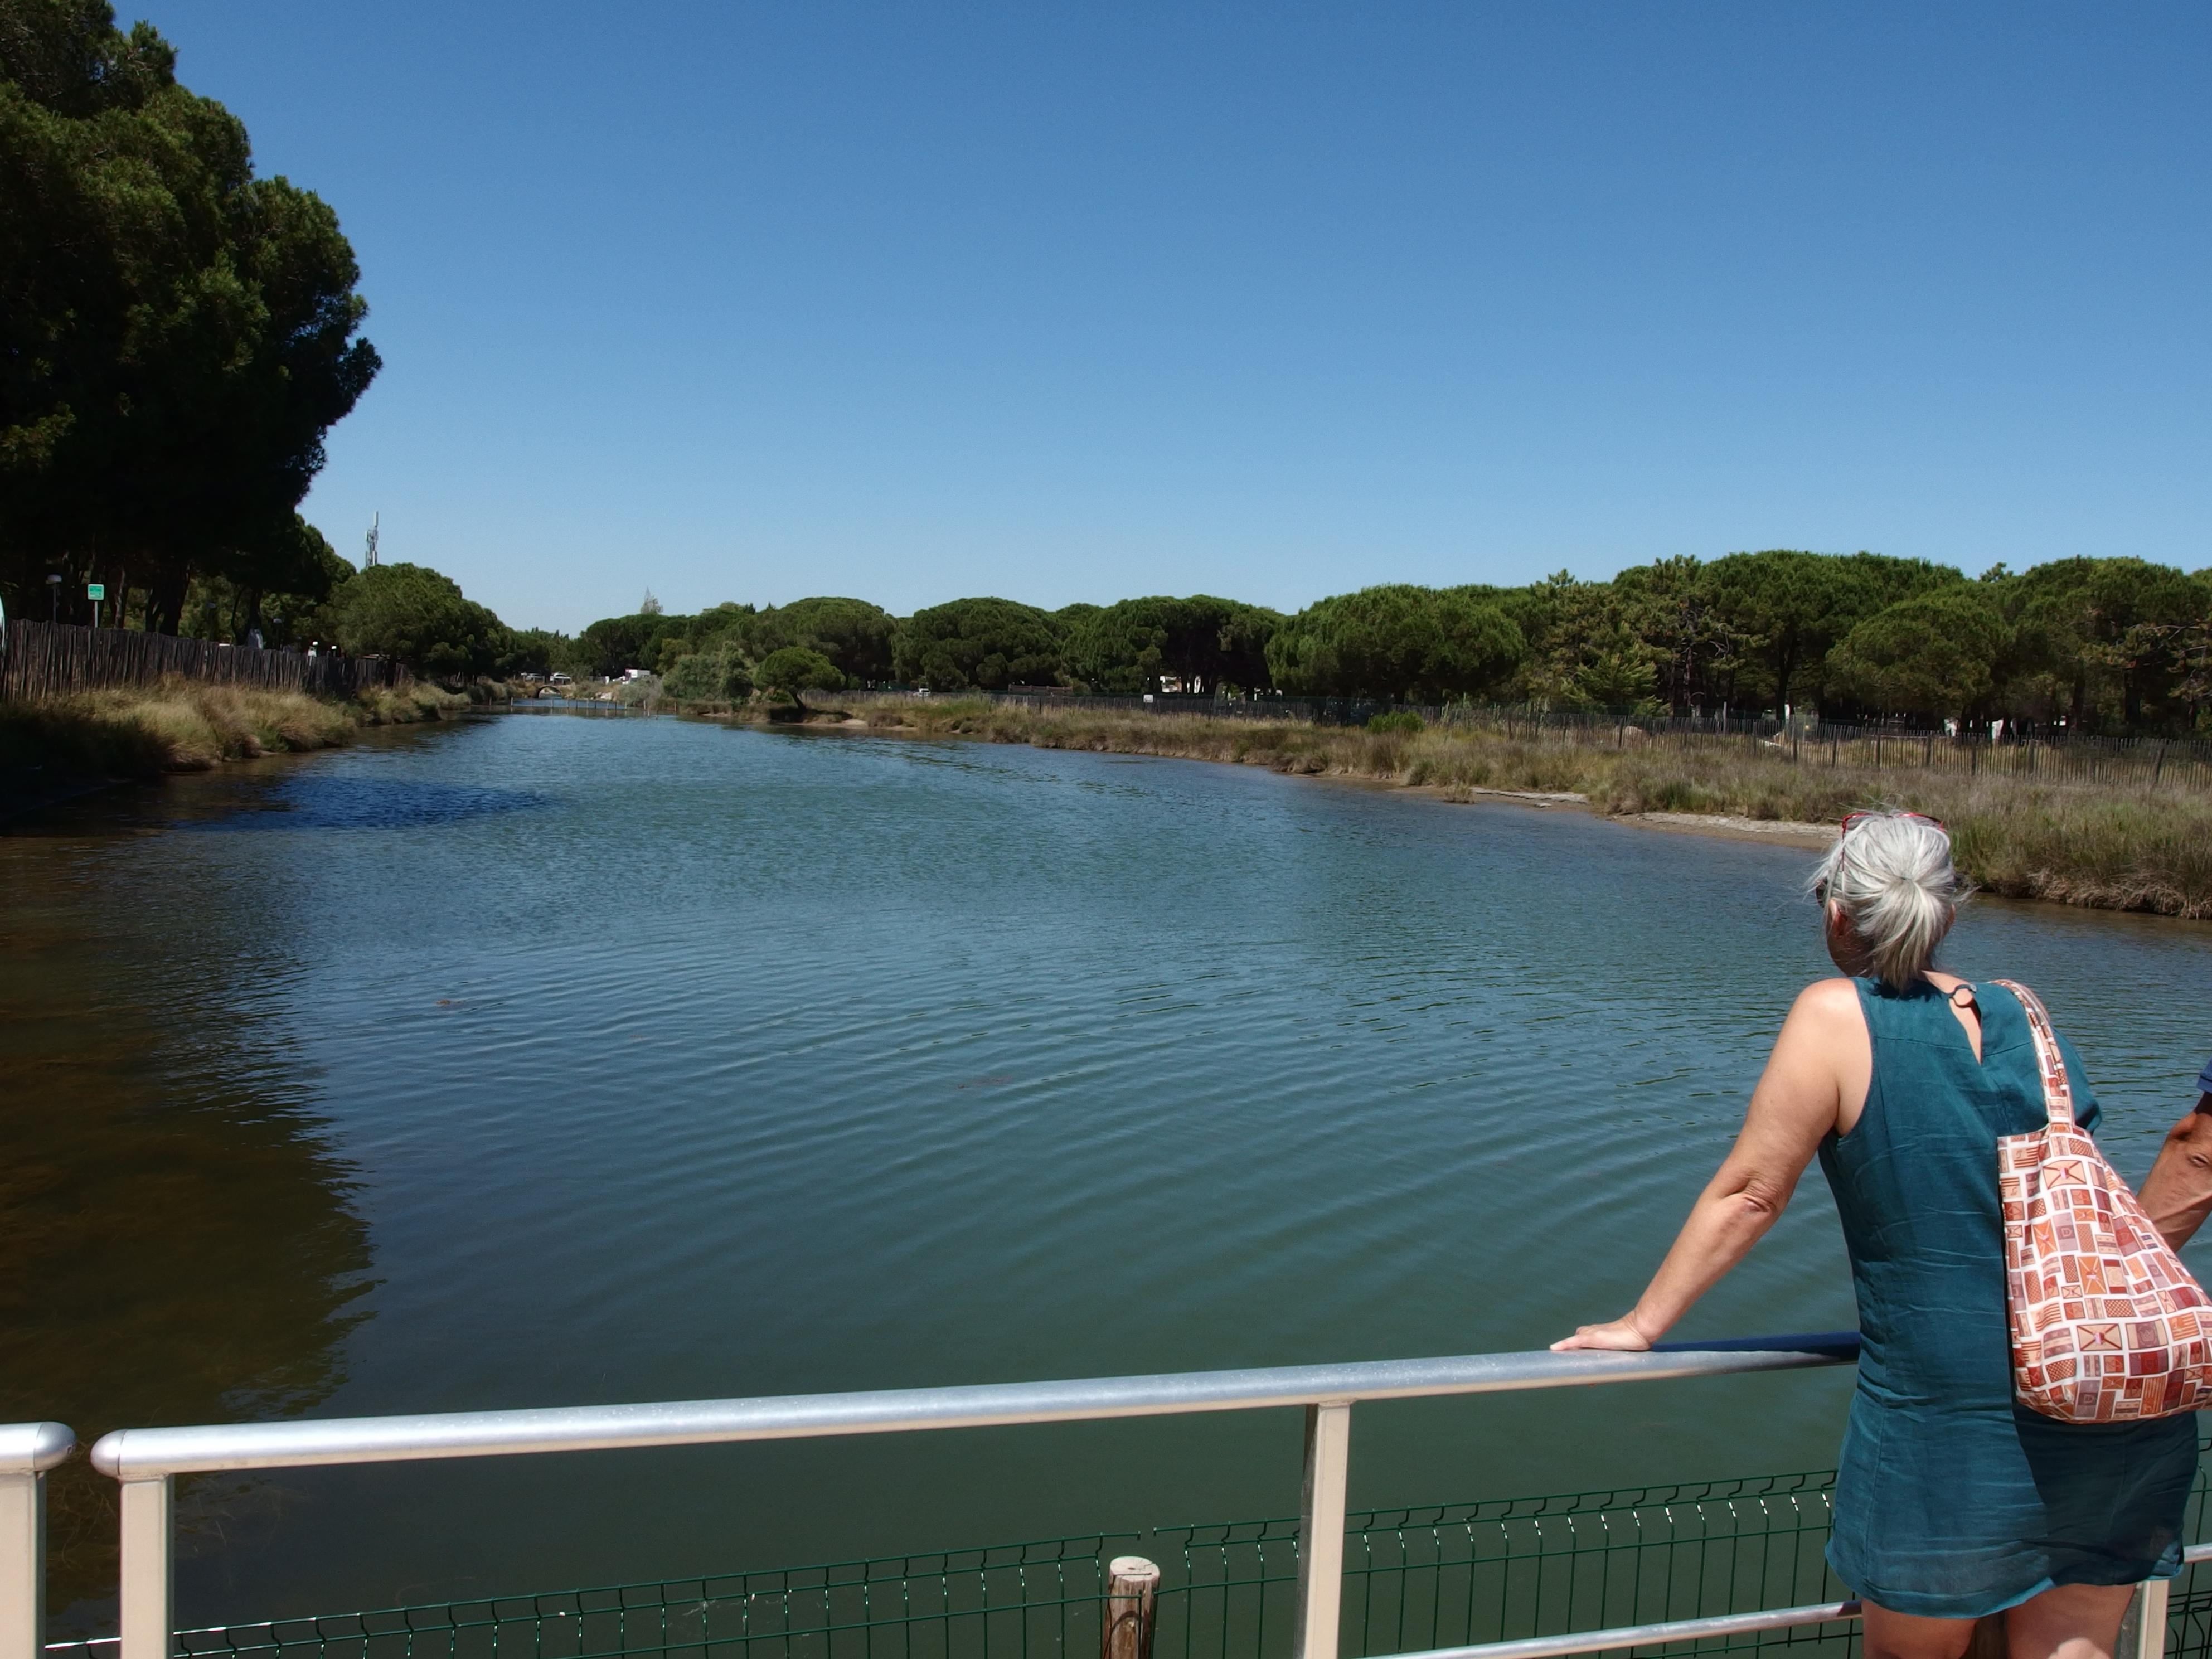 le grau d'une lagune de la Grande Motte est réservé à la réhabilitation des tortues marines avant leur relâcher